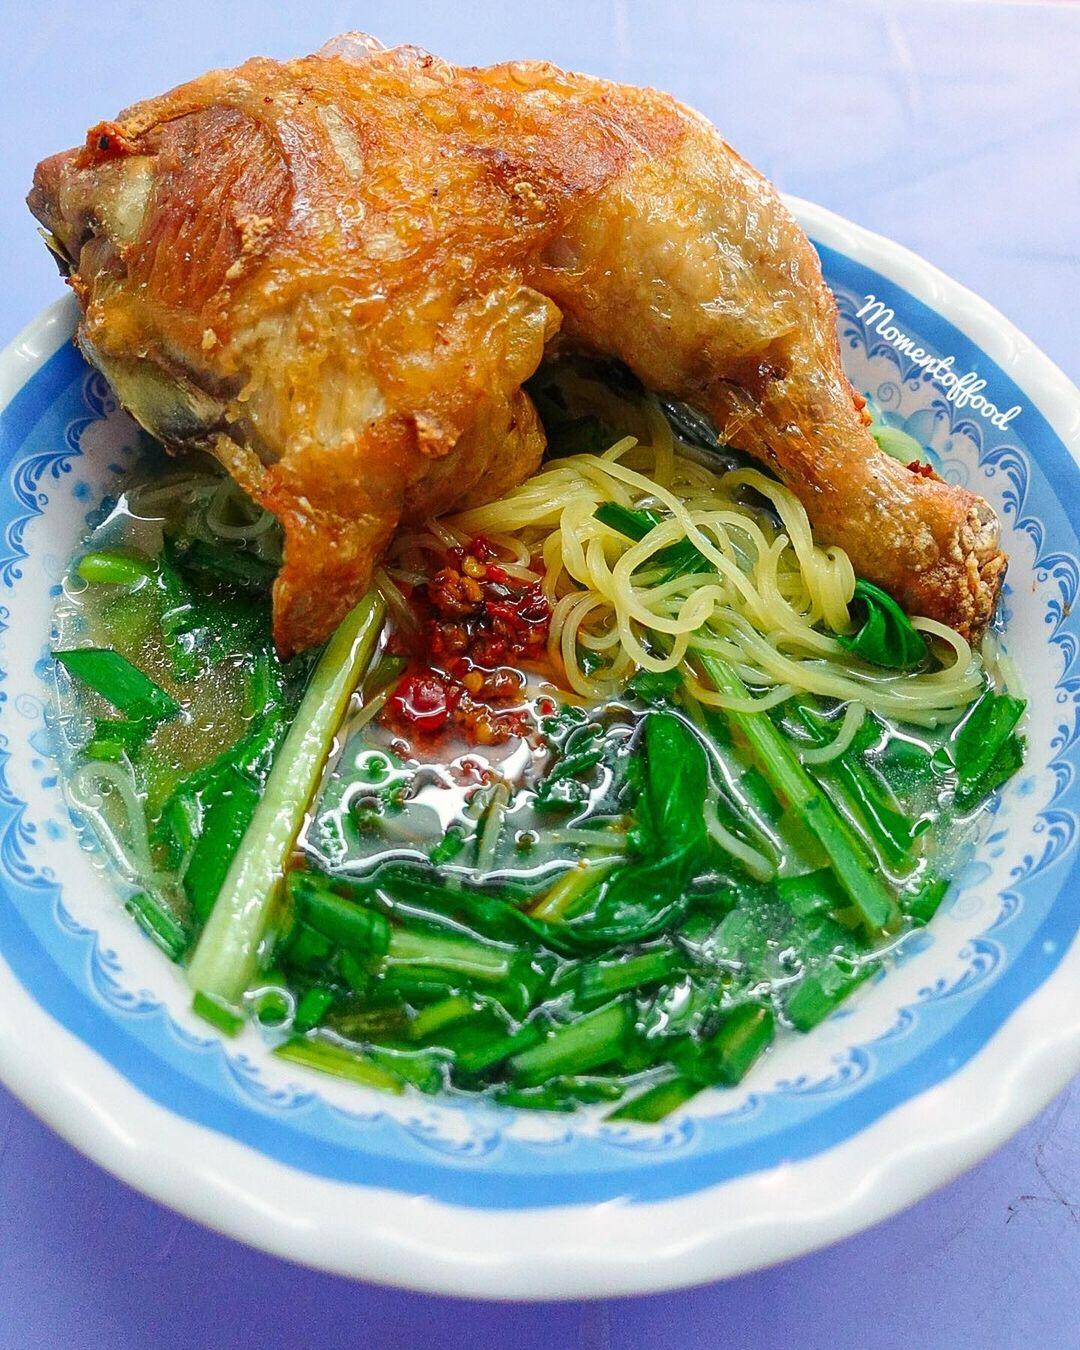 Mì đùi gà siêu to khổng lồ ở Sài Gòn